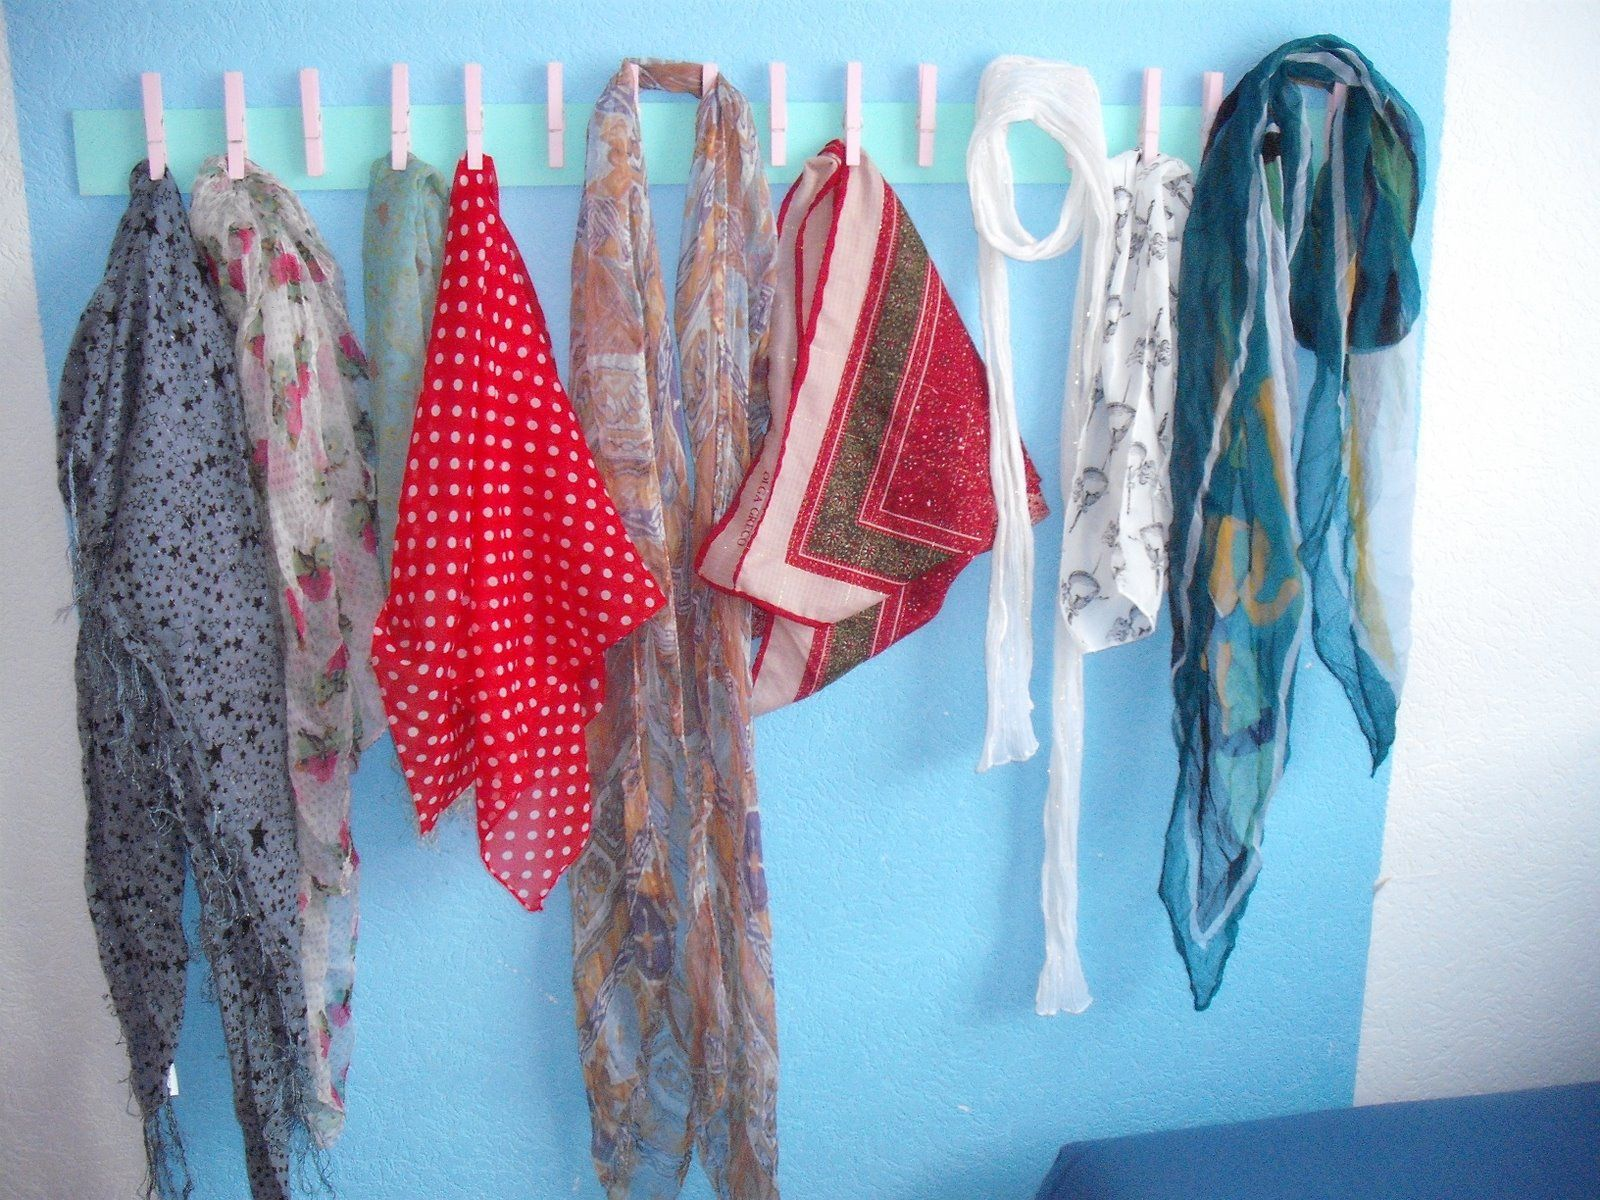 Schal-Aufbewahrung - Super Idee!!! | Wohnung | Pinterest | Schals ...